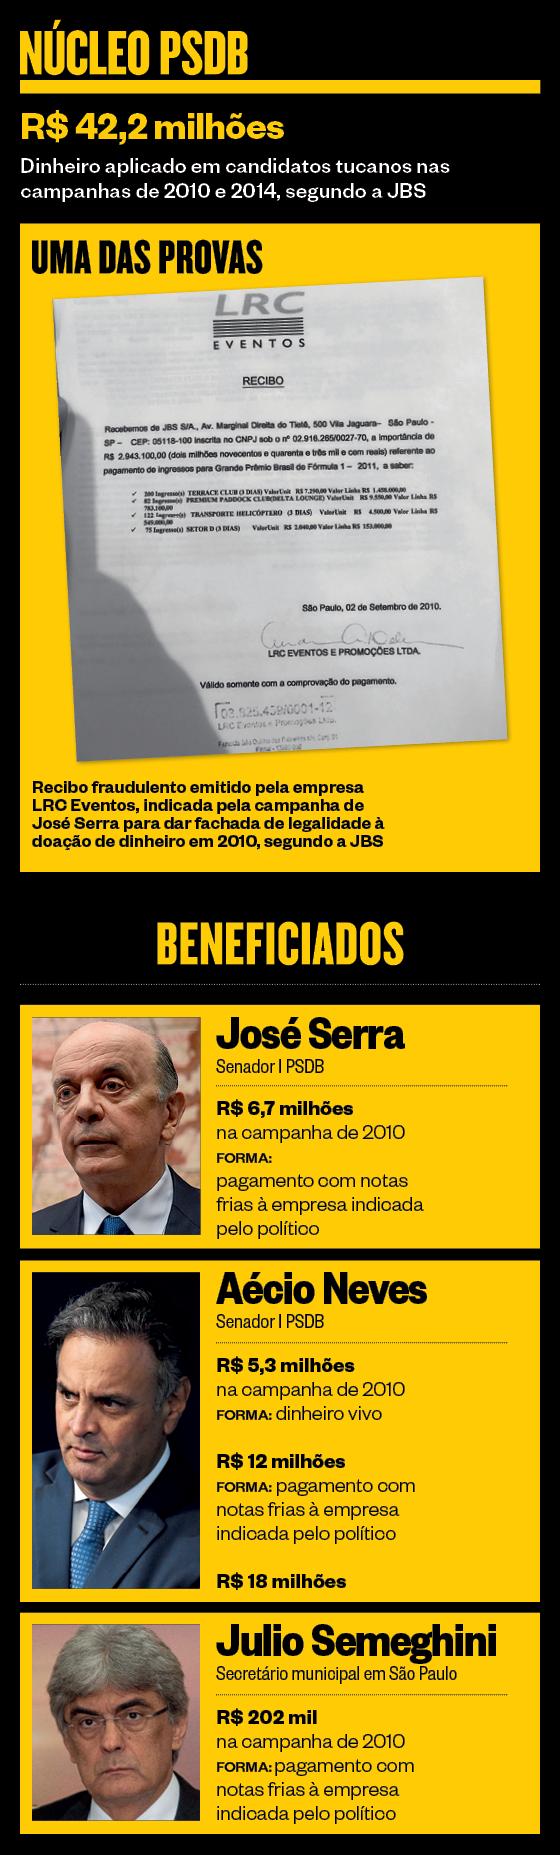 Núcleo PSDB (Foto: ÉPOCA)